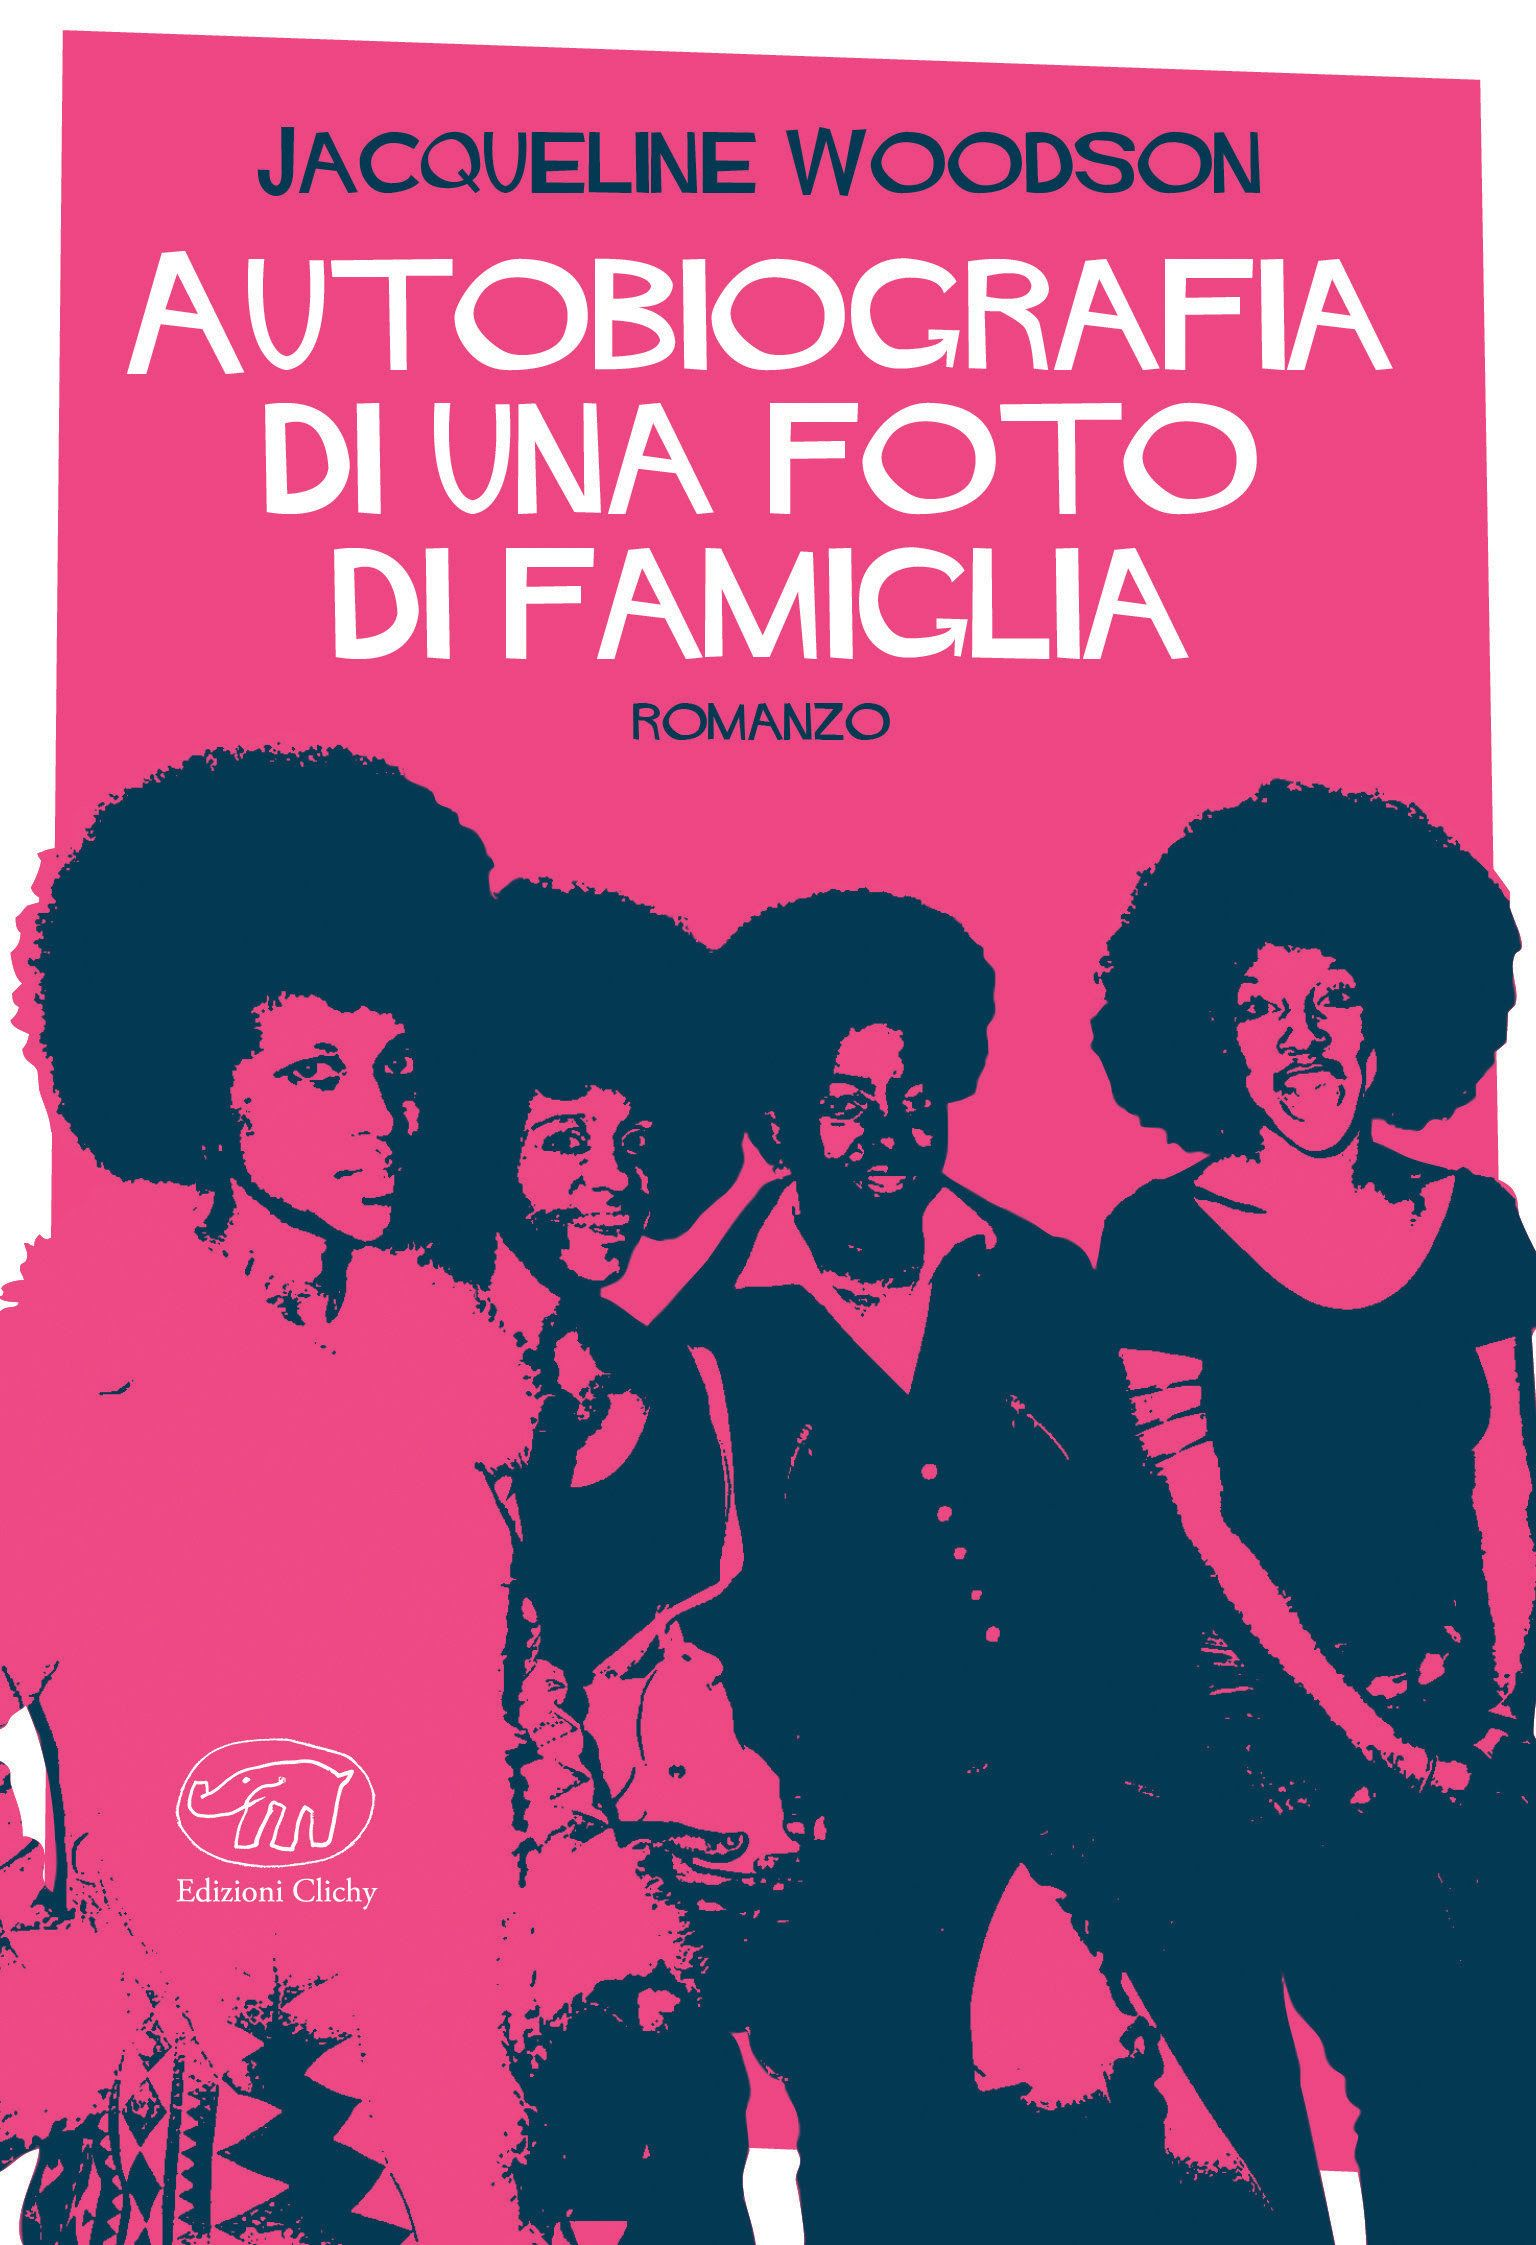 autobiografia-foto-famiglia